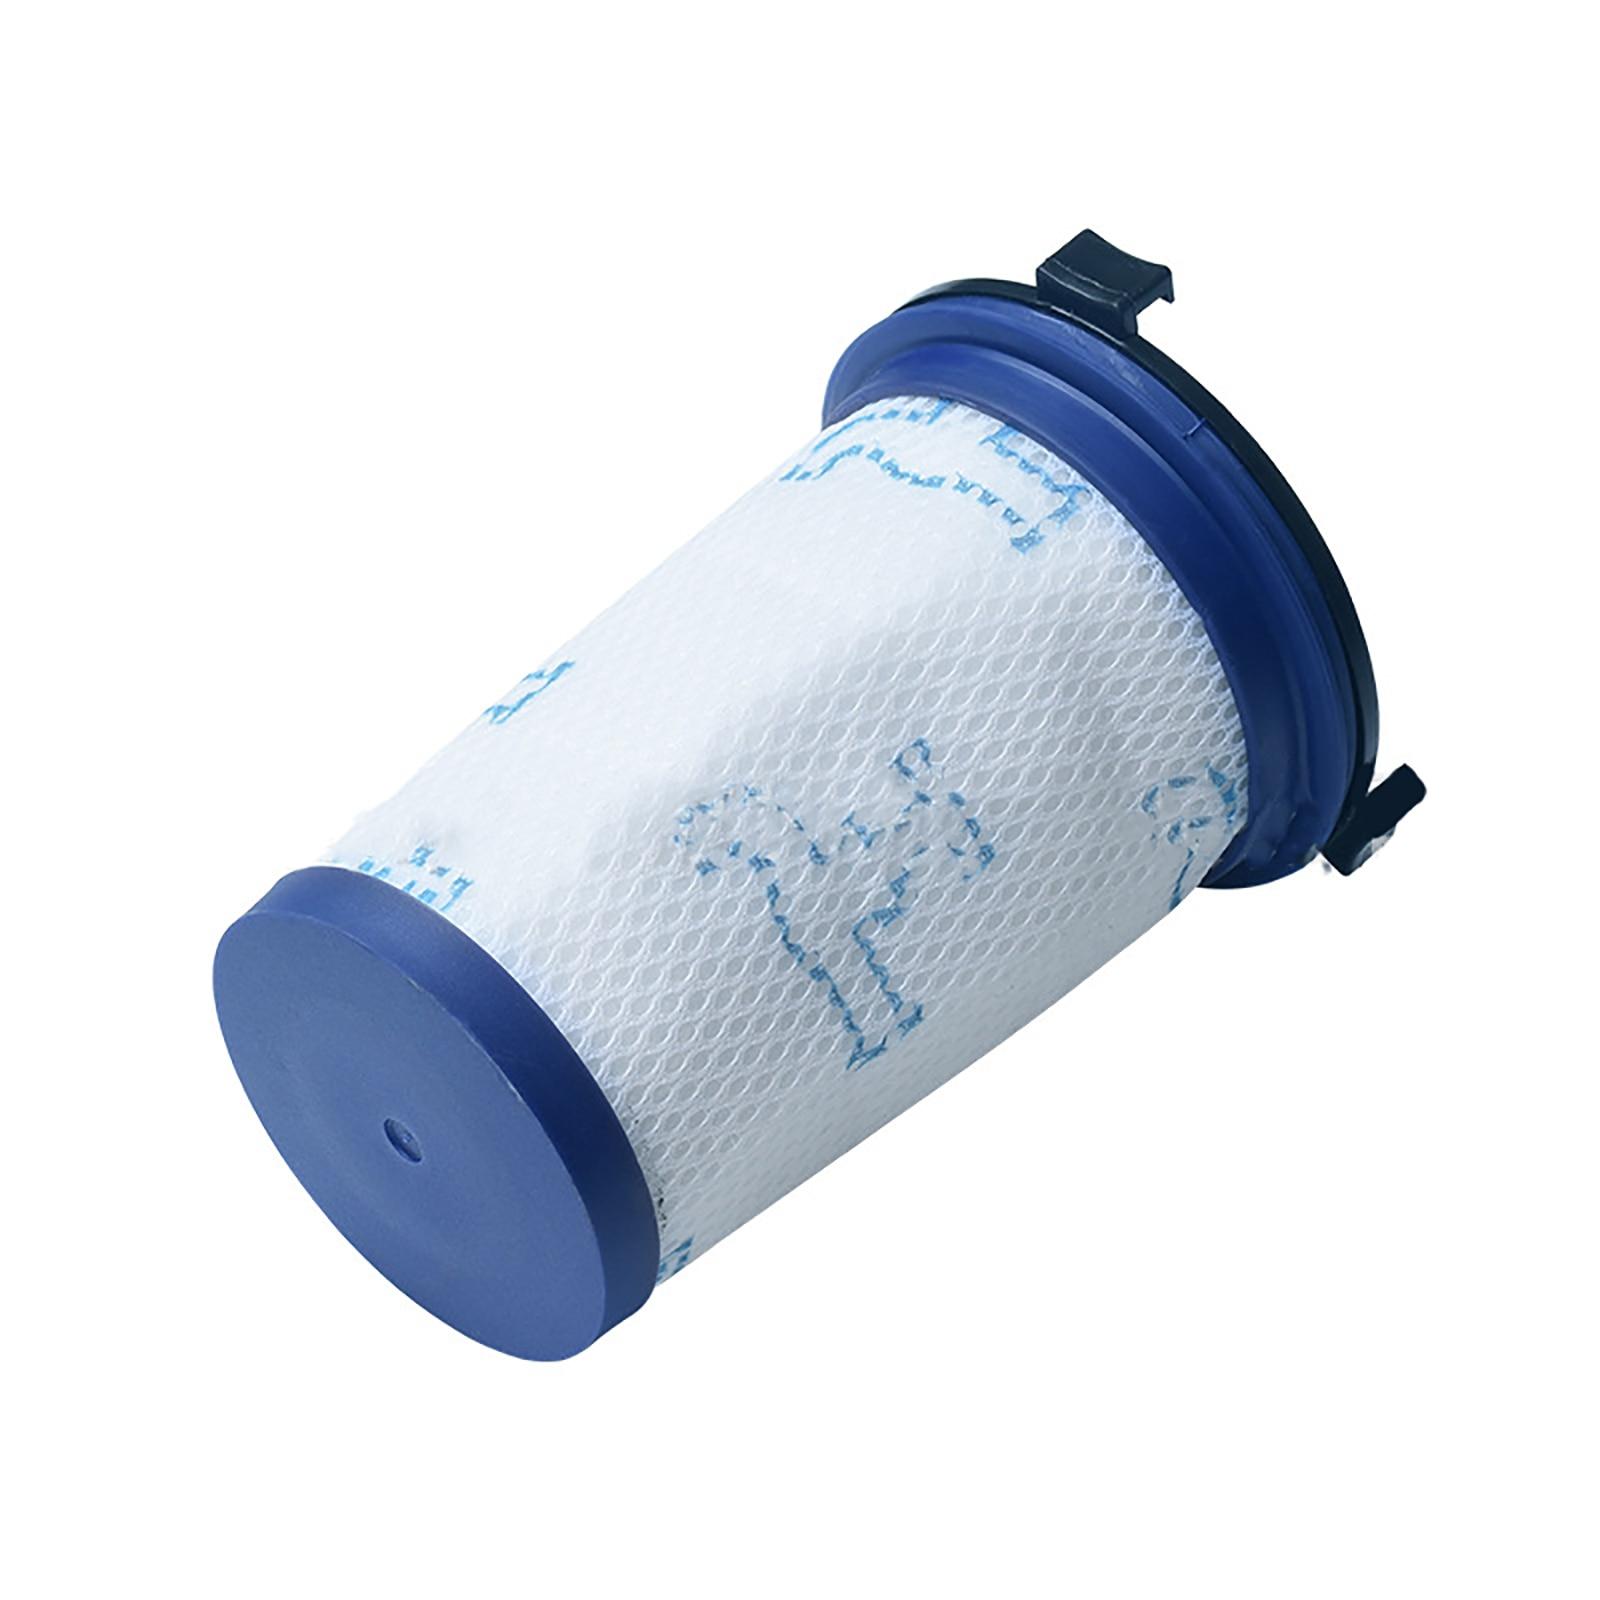 1 pieza de Repuesto de filtro de polvo para Rowenta Force 360 x-pert Filtros de aspiradora pieza de repuesto